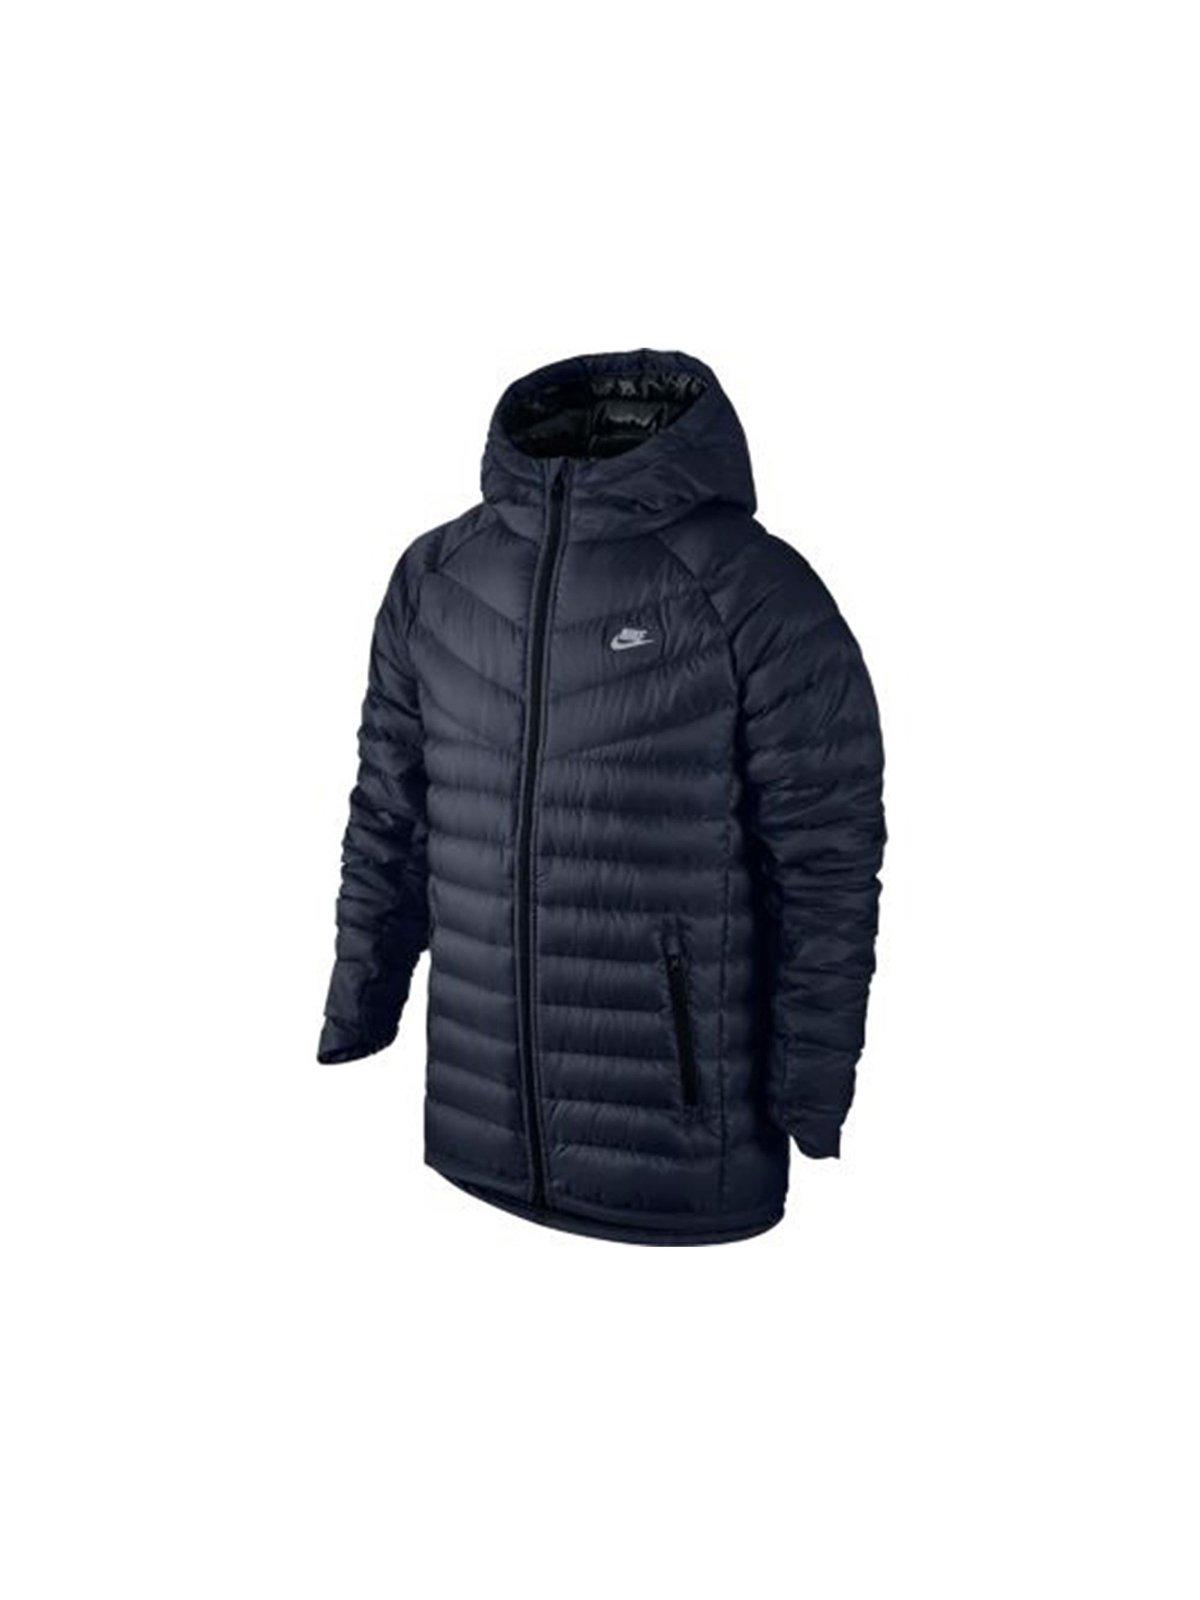 Куртка синяя | 3343132 | фото 2